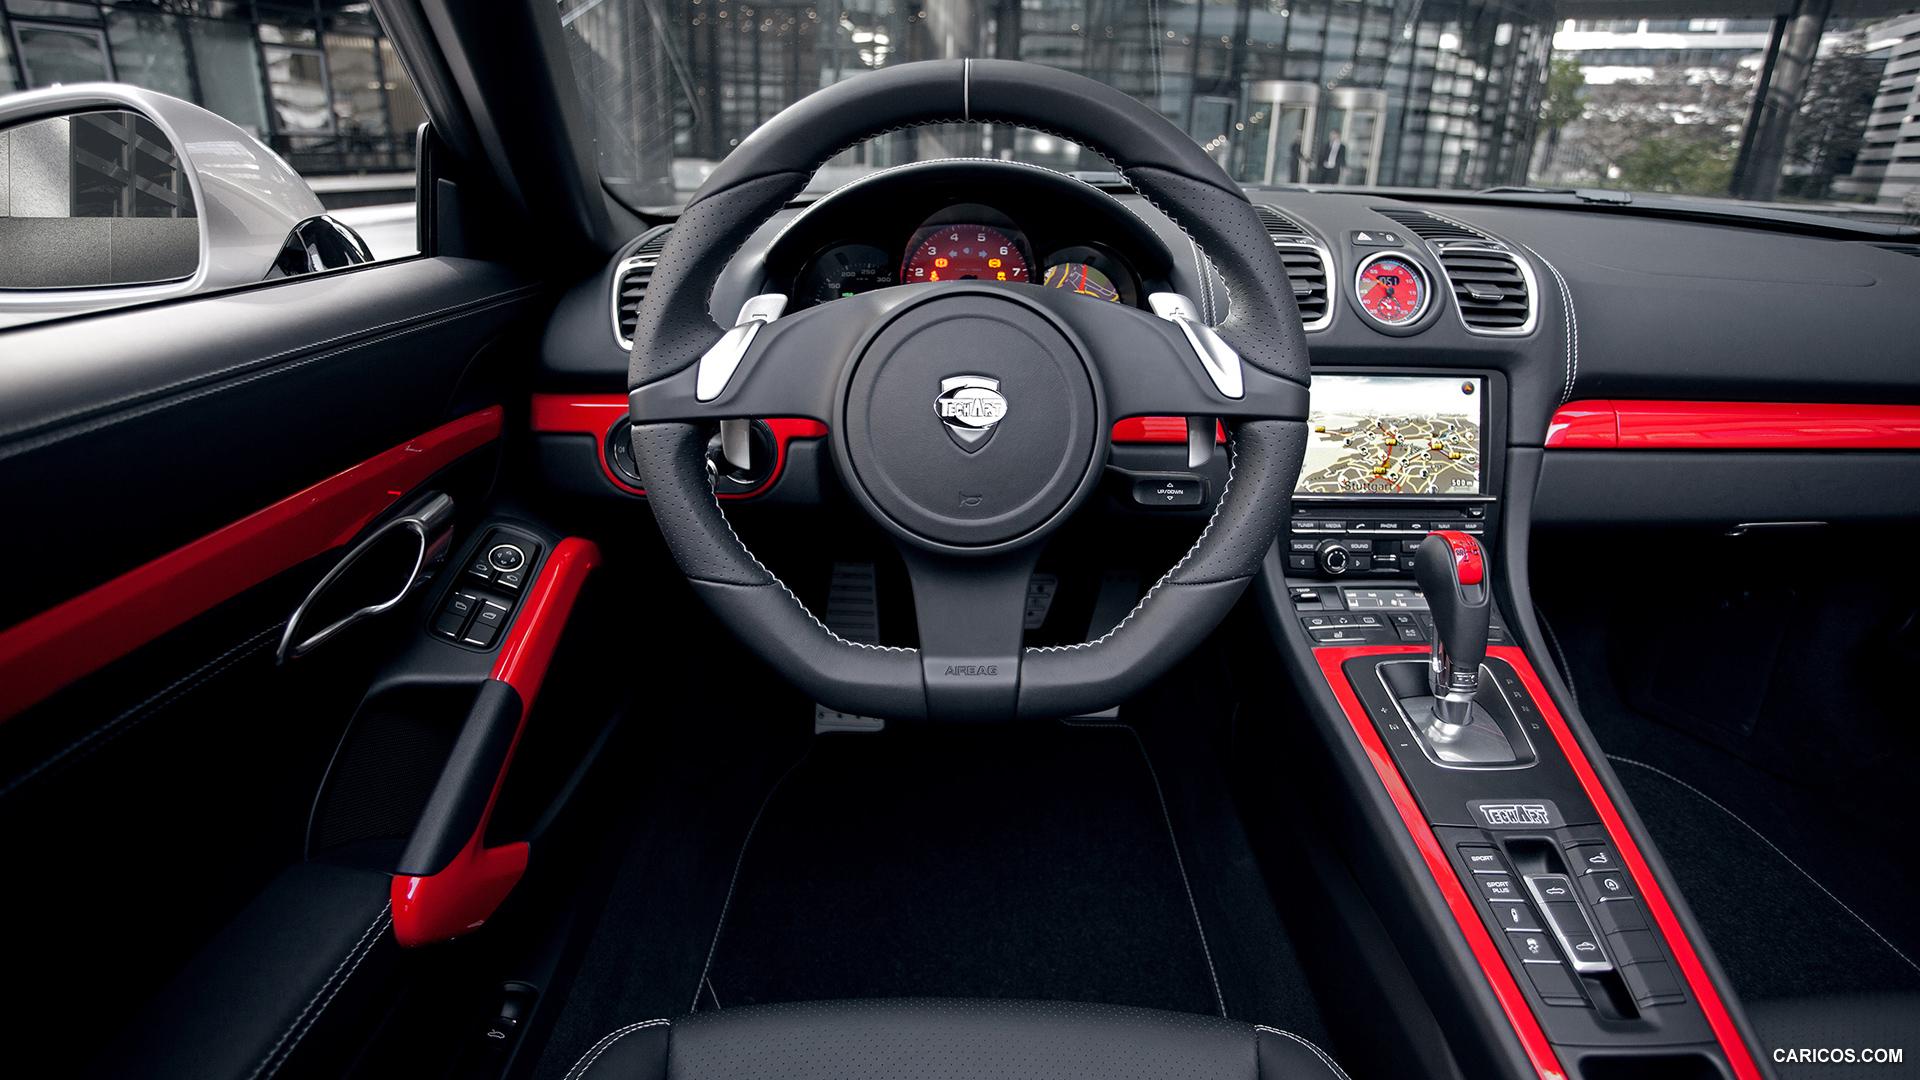 2013 TECHART Porsche 981 Boxster - Interior Wallpaper